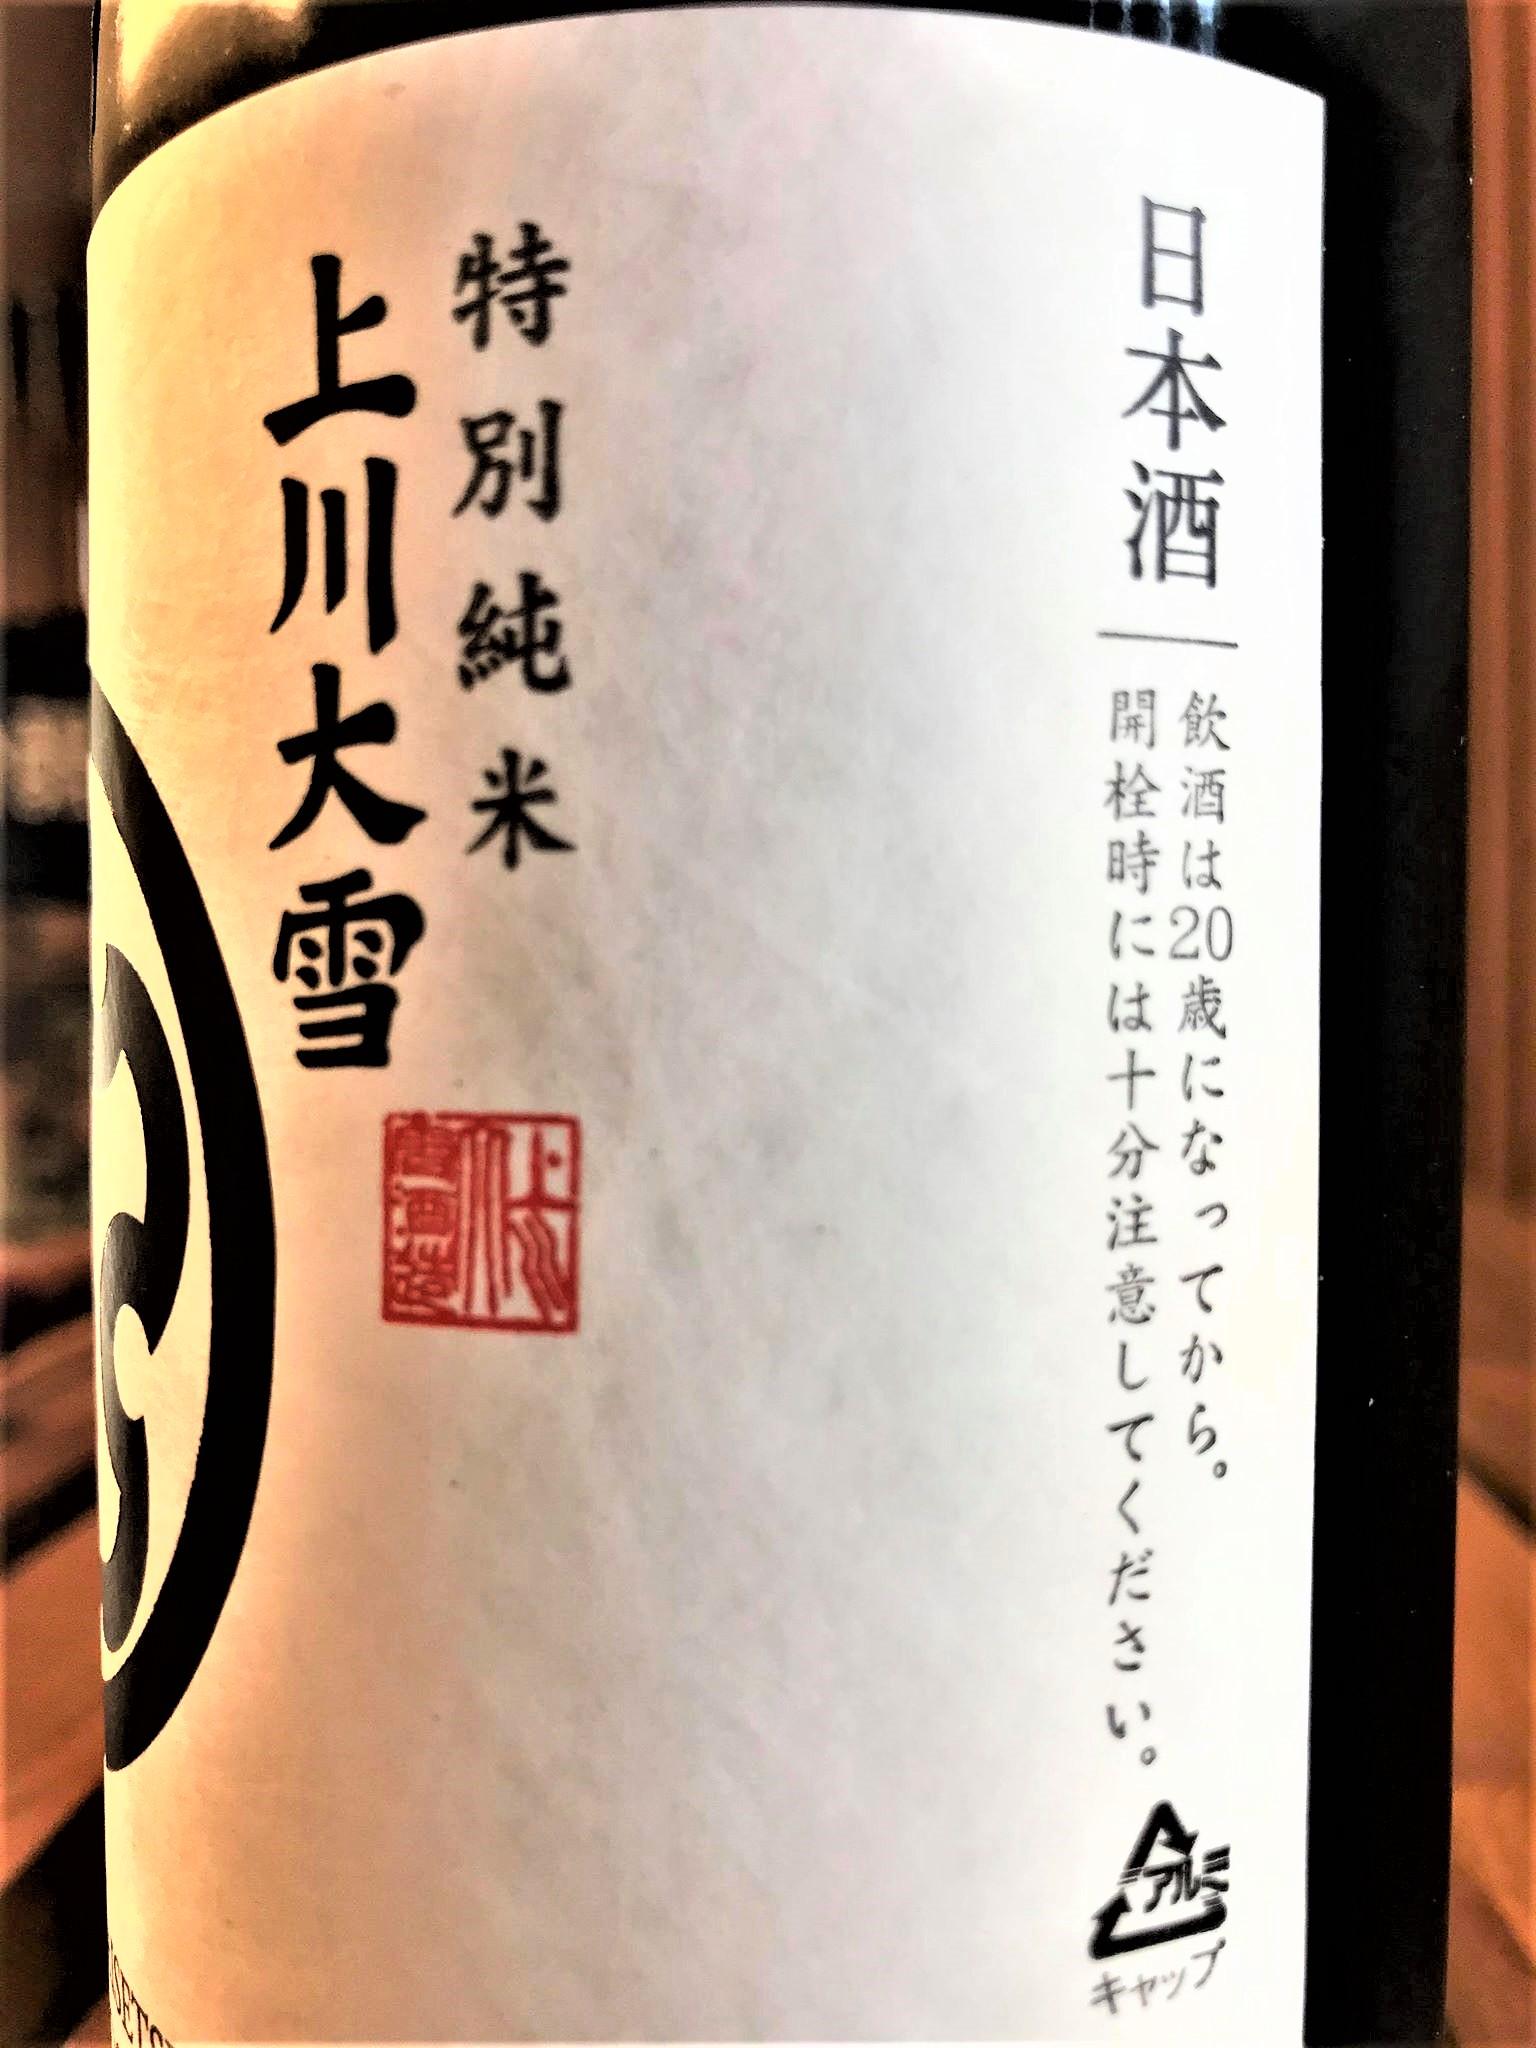 【日本酒】上川大雪 辛口🔥特別純米酒 愛別町伏古産吟風仕込み 限定 30BY🆕_e0173738_19405531.jpg